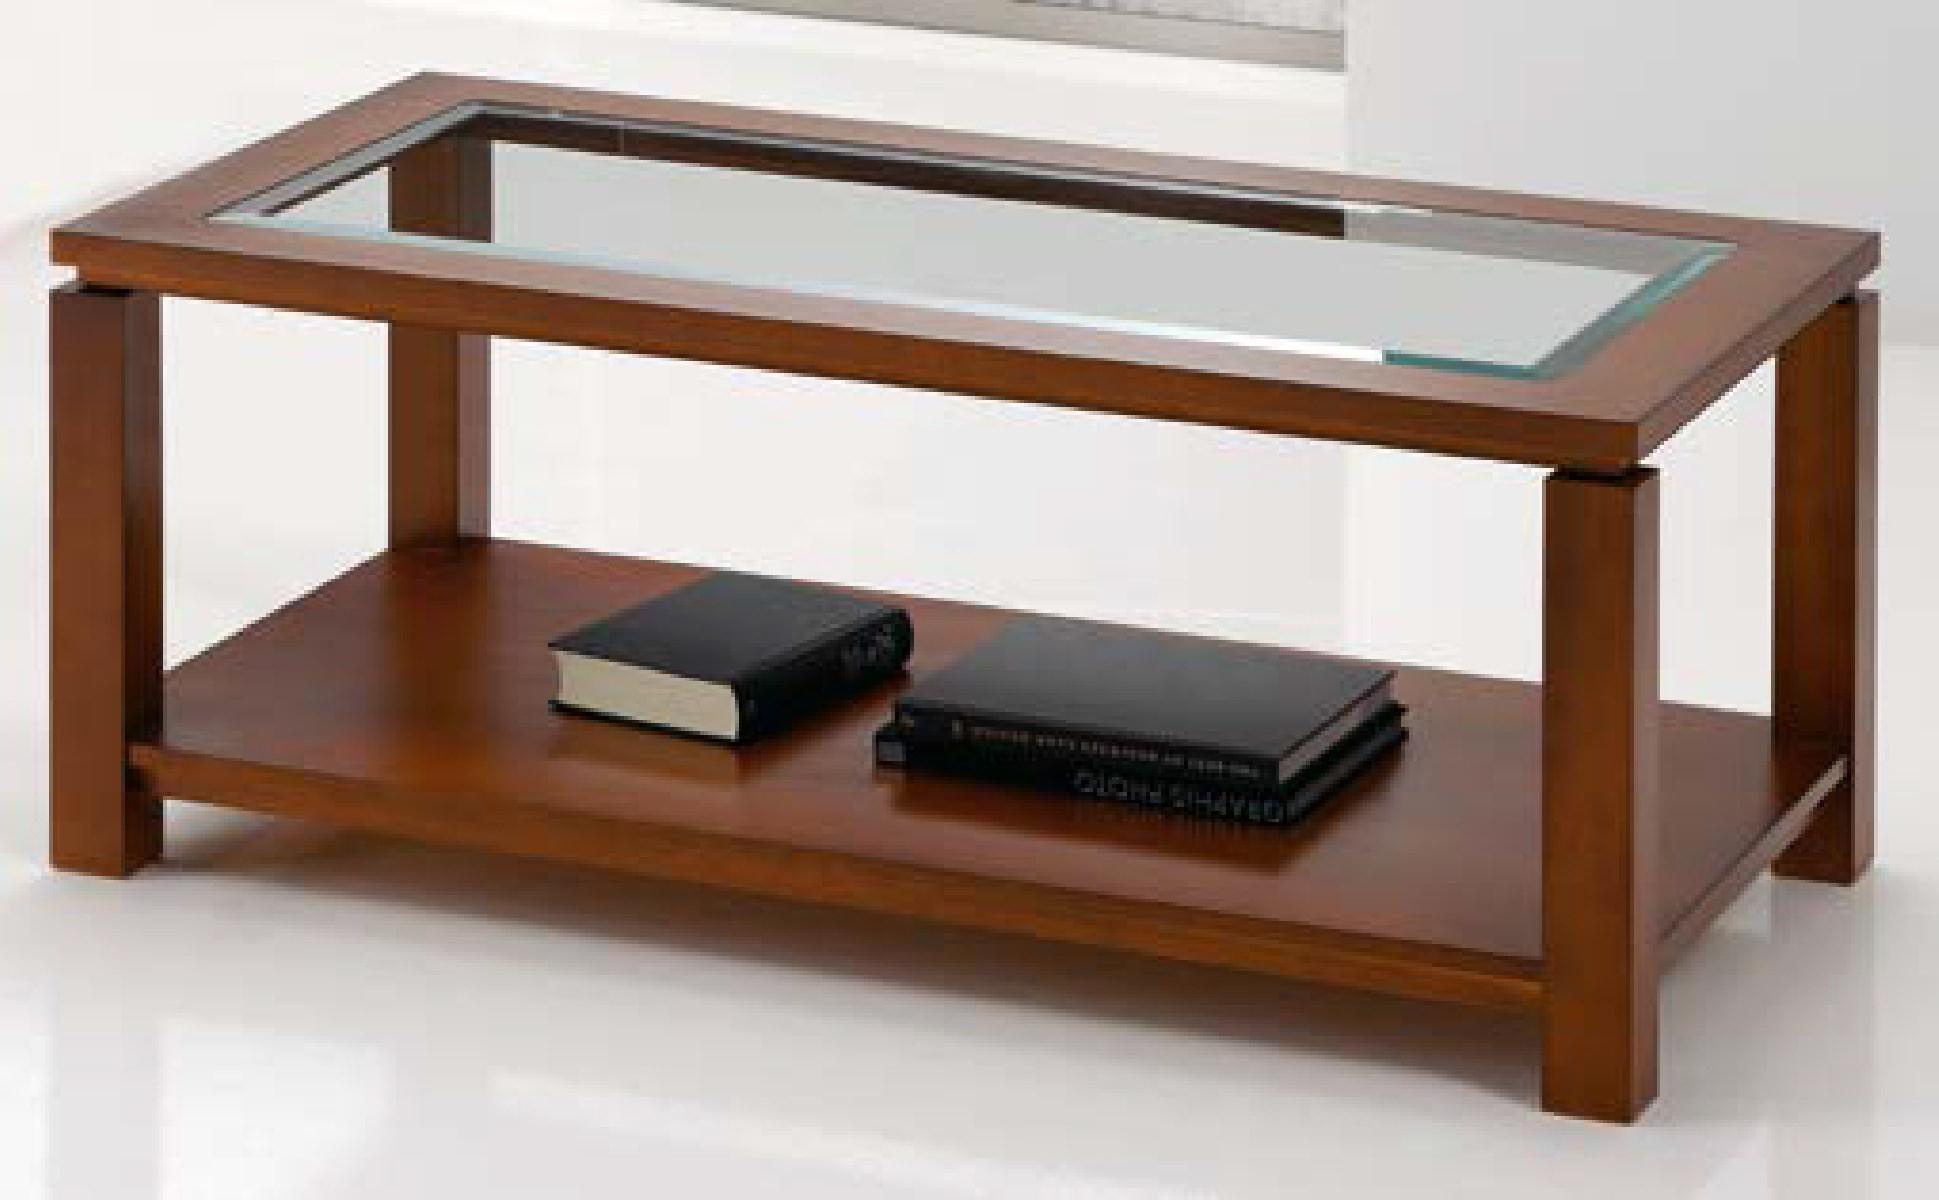 Журнальный стол прямоугольный 47 Disemobel